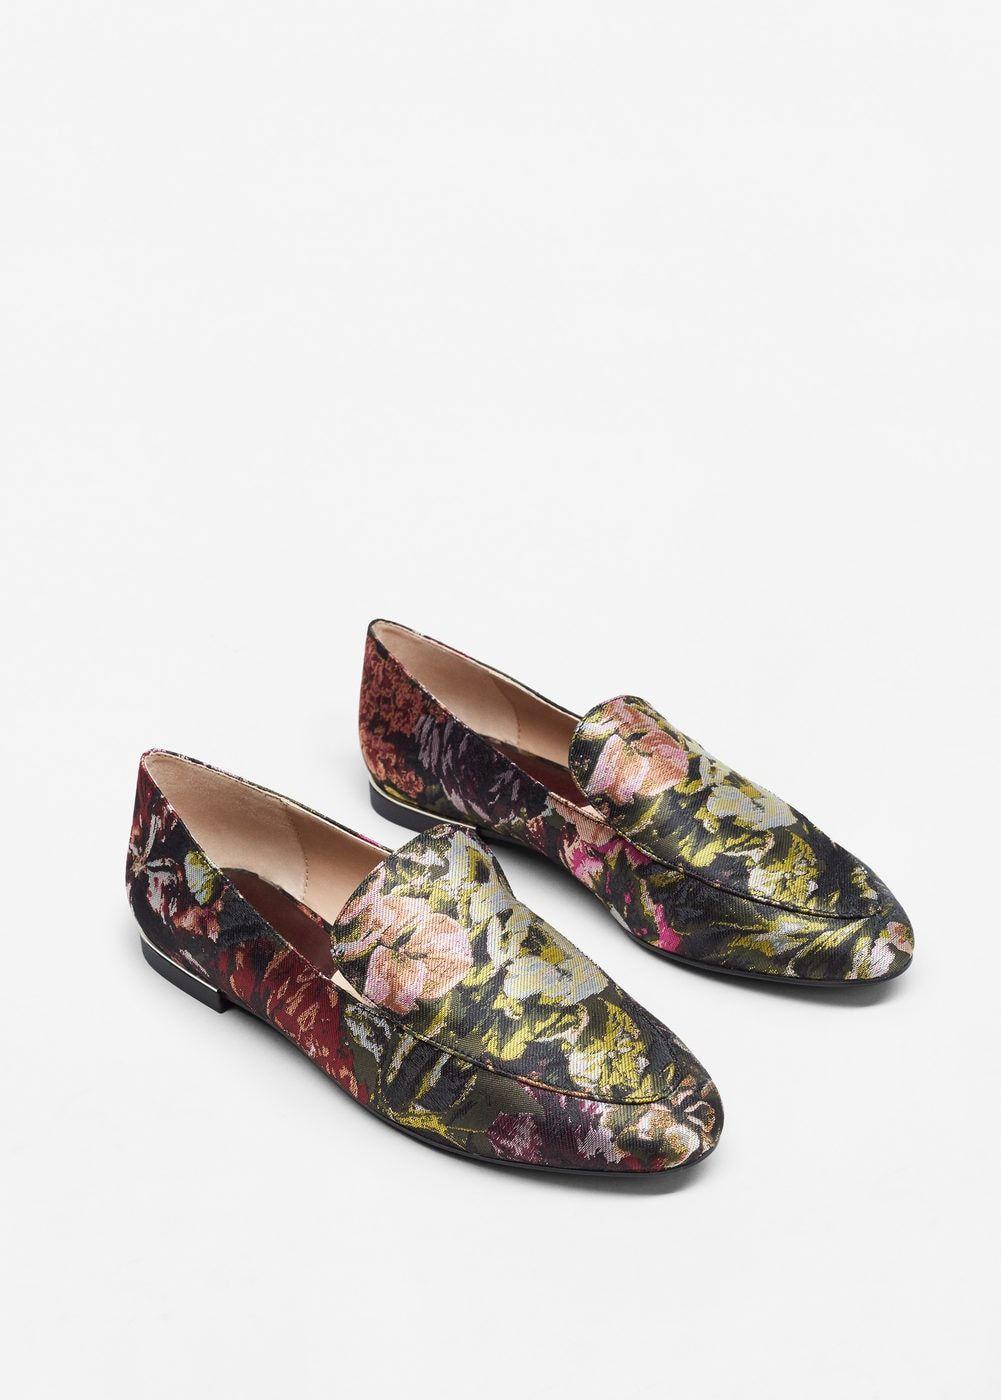 MujerMango Jacquard ZapatosZapatos Floral Y Mocasín gYb6fy7